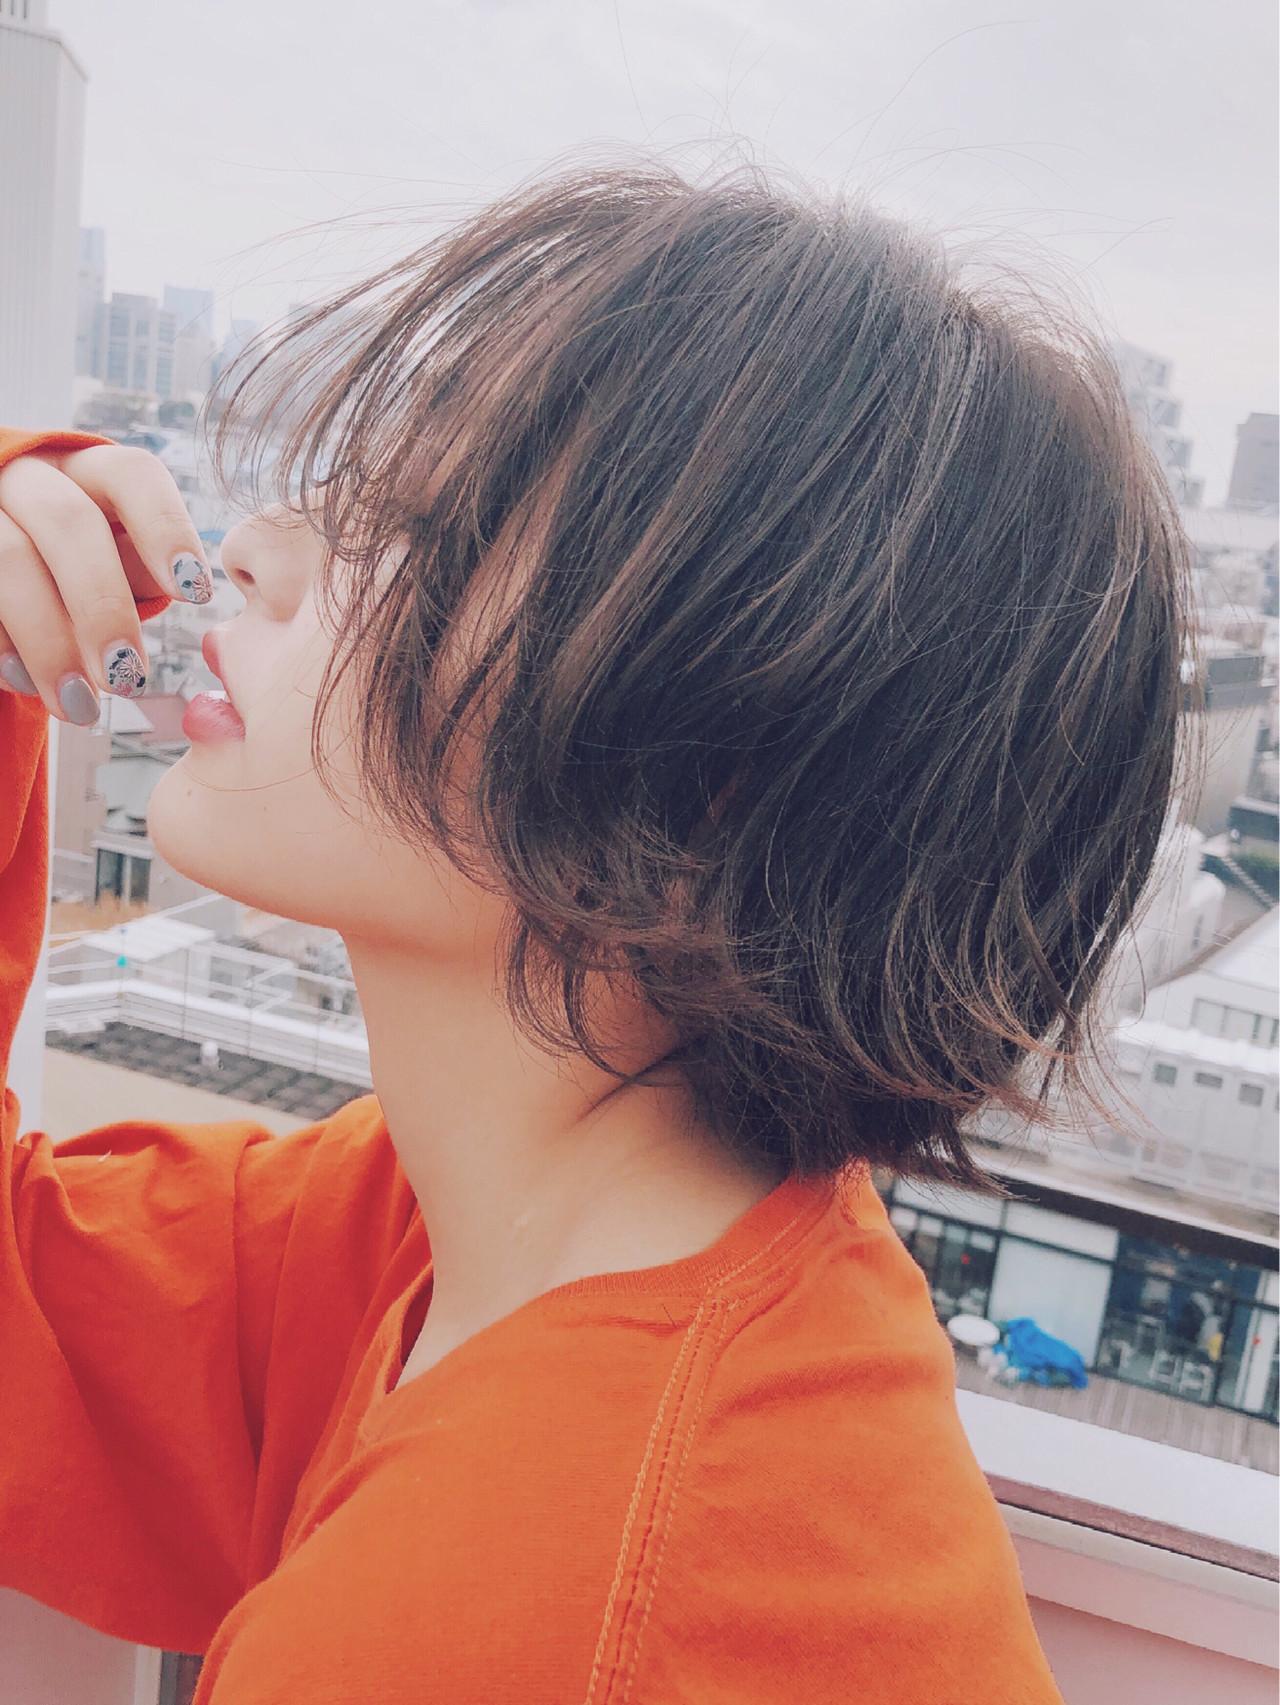 長め前髪で色っぽ♡アンニュイショートヘア December/ 山本航大